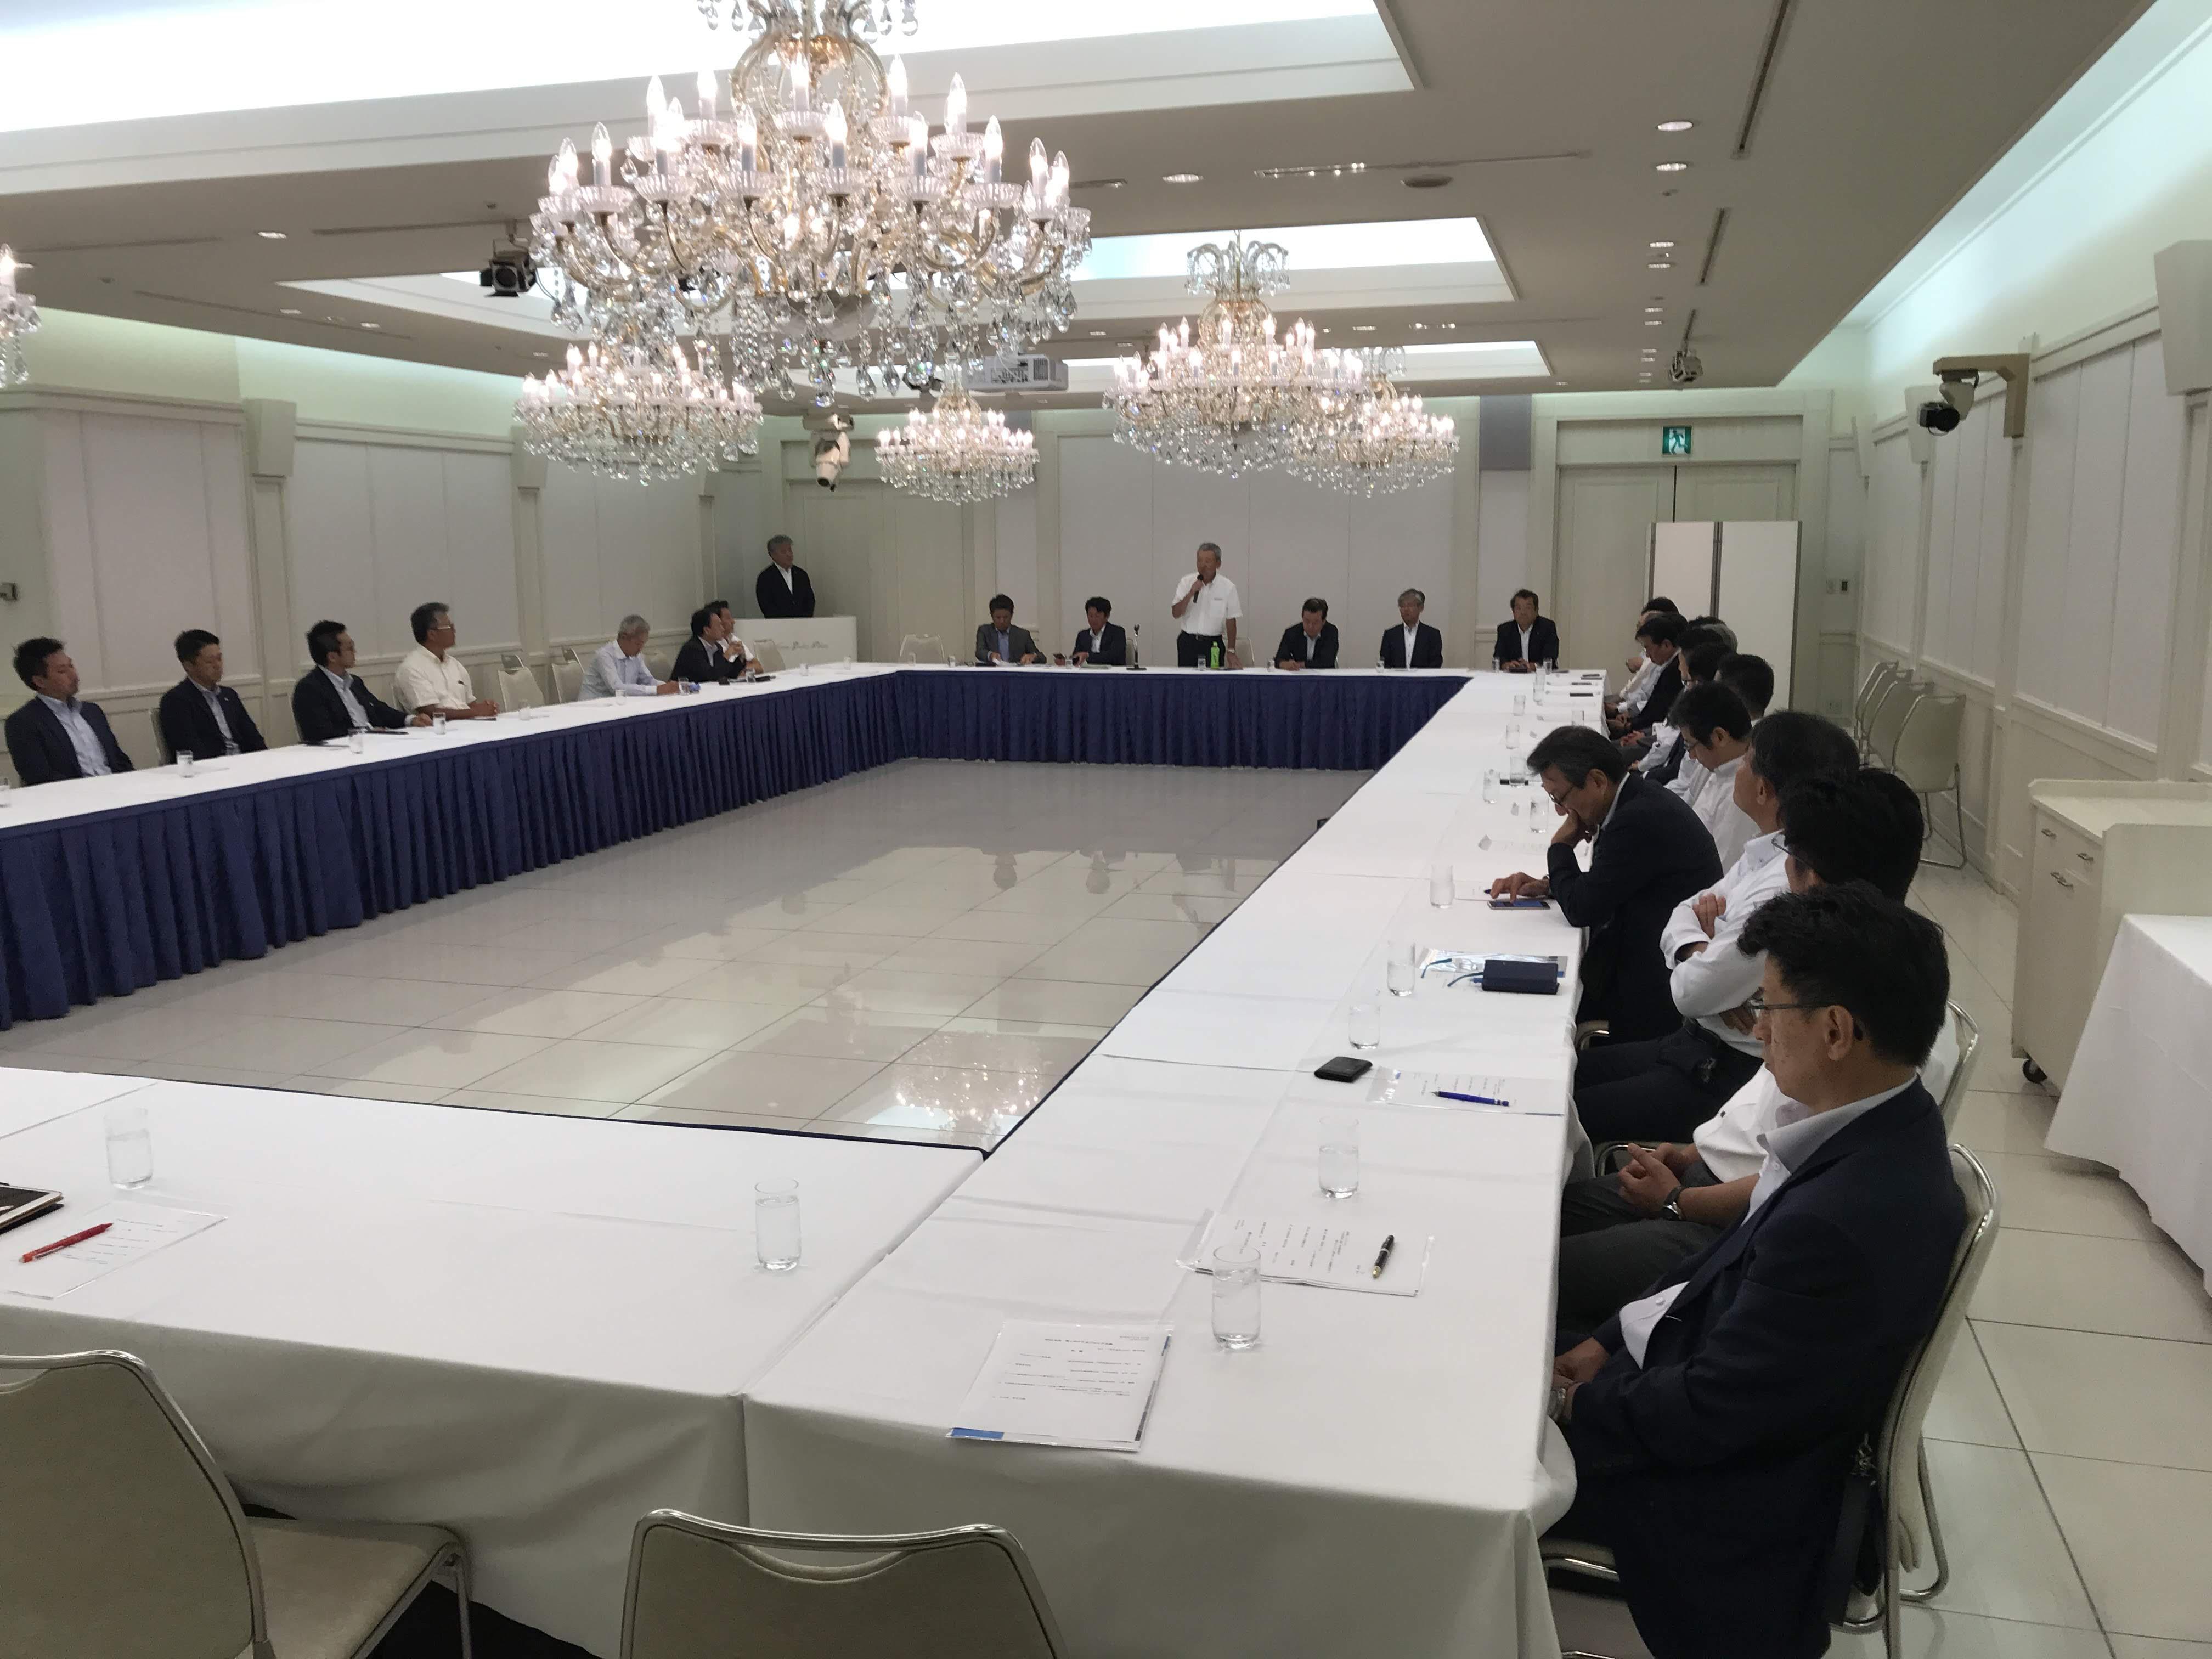 中日本ブロック会開催理事長挨拶